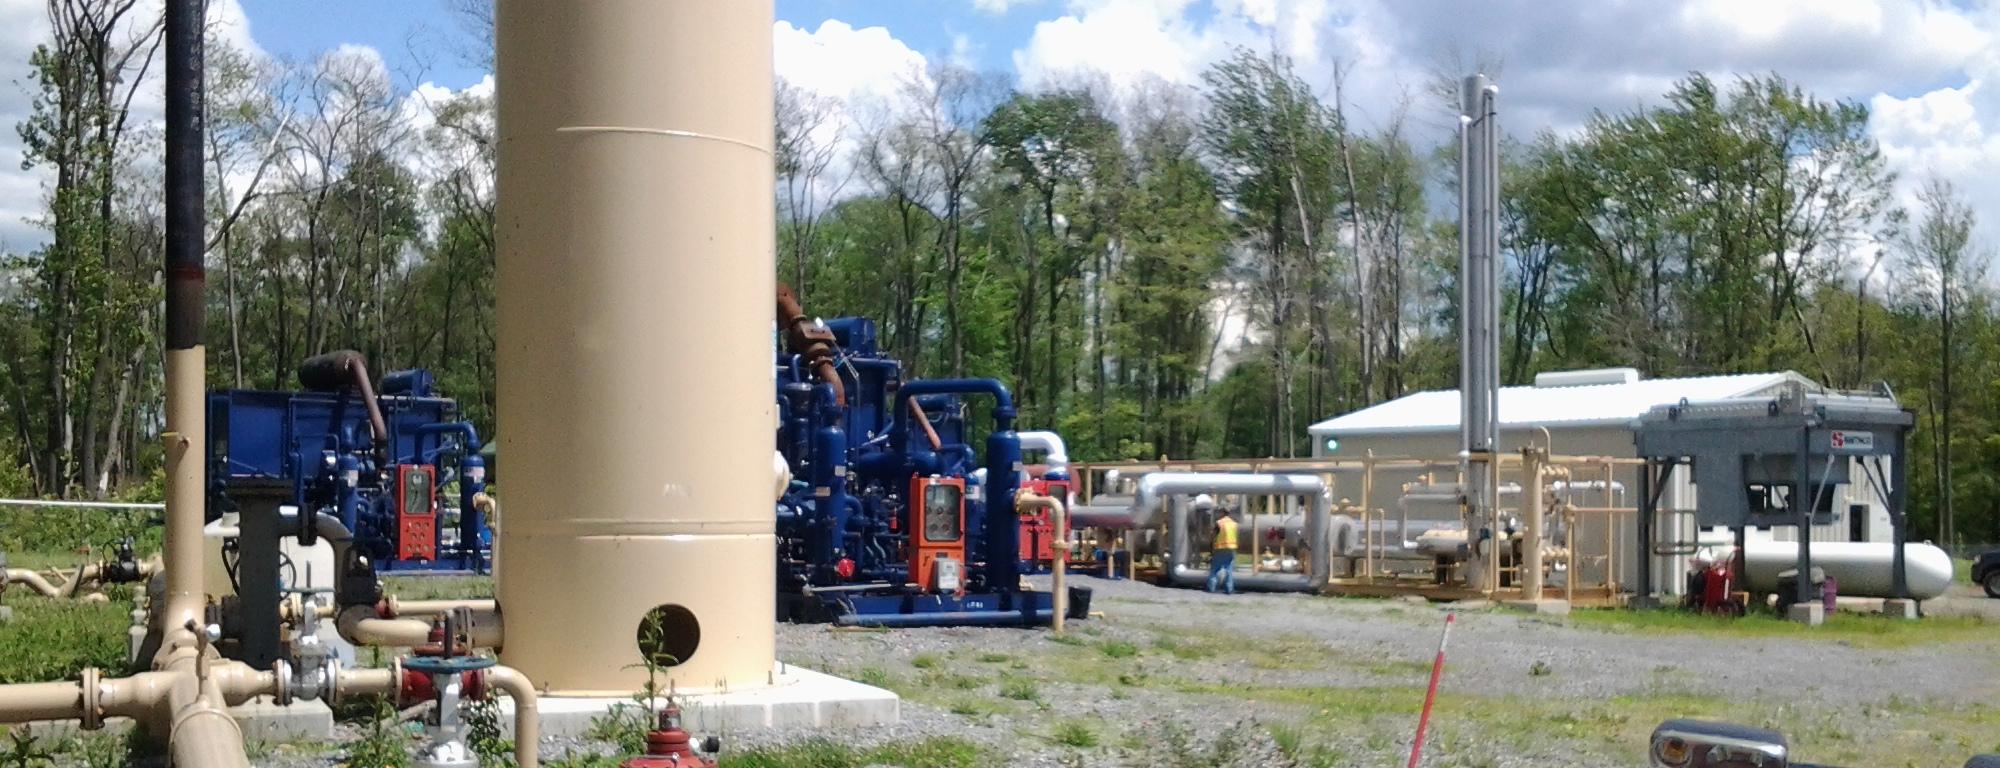 U.S. Energy Air Stripping Unit